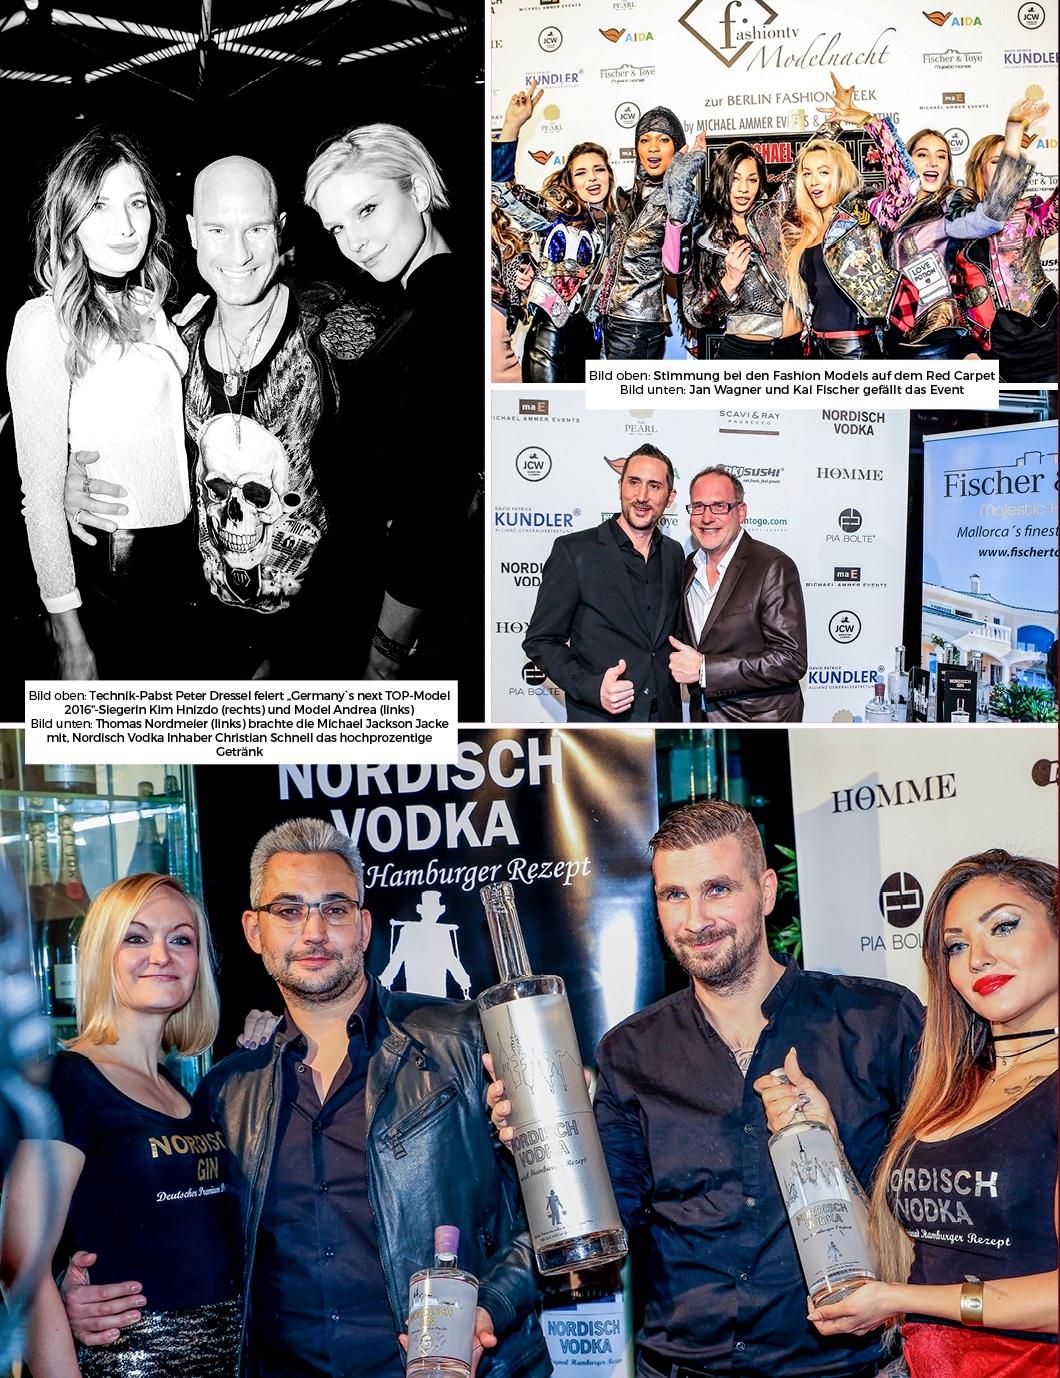 ARTIKEL - HOMME MAGAZINE (MÄRZ AUSGABE) - FashionTV MODELNACHT - BERLIN - PEARL - 2. Doppelseite 1